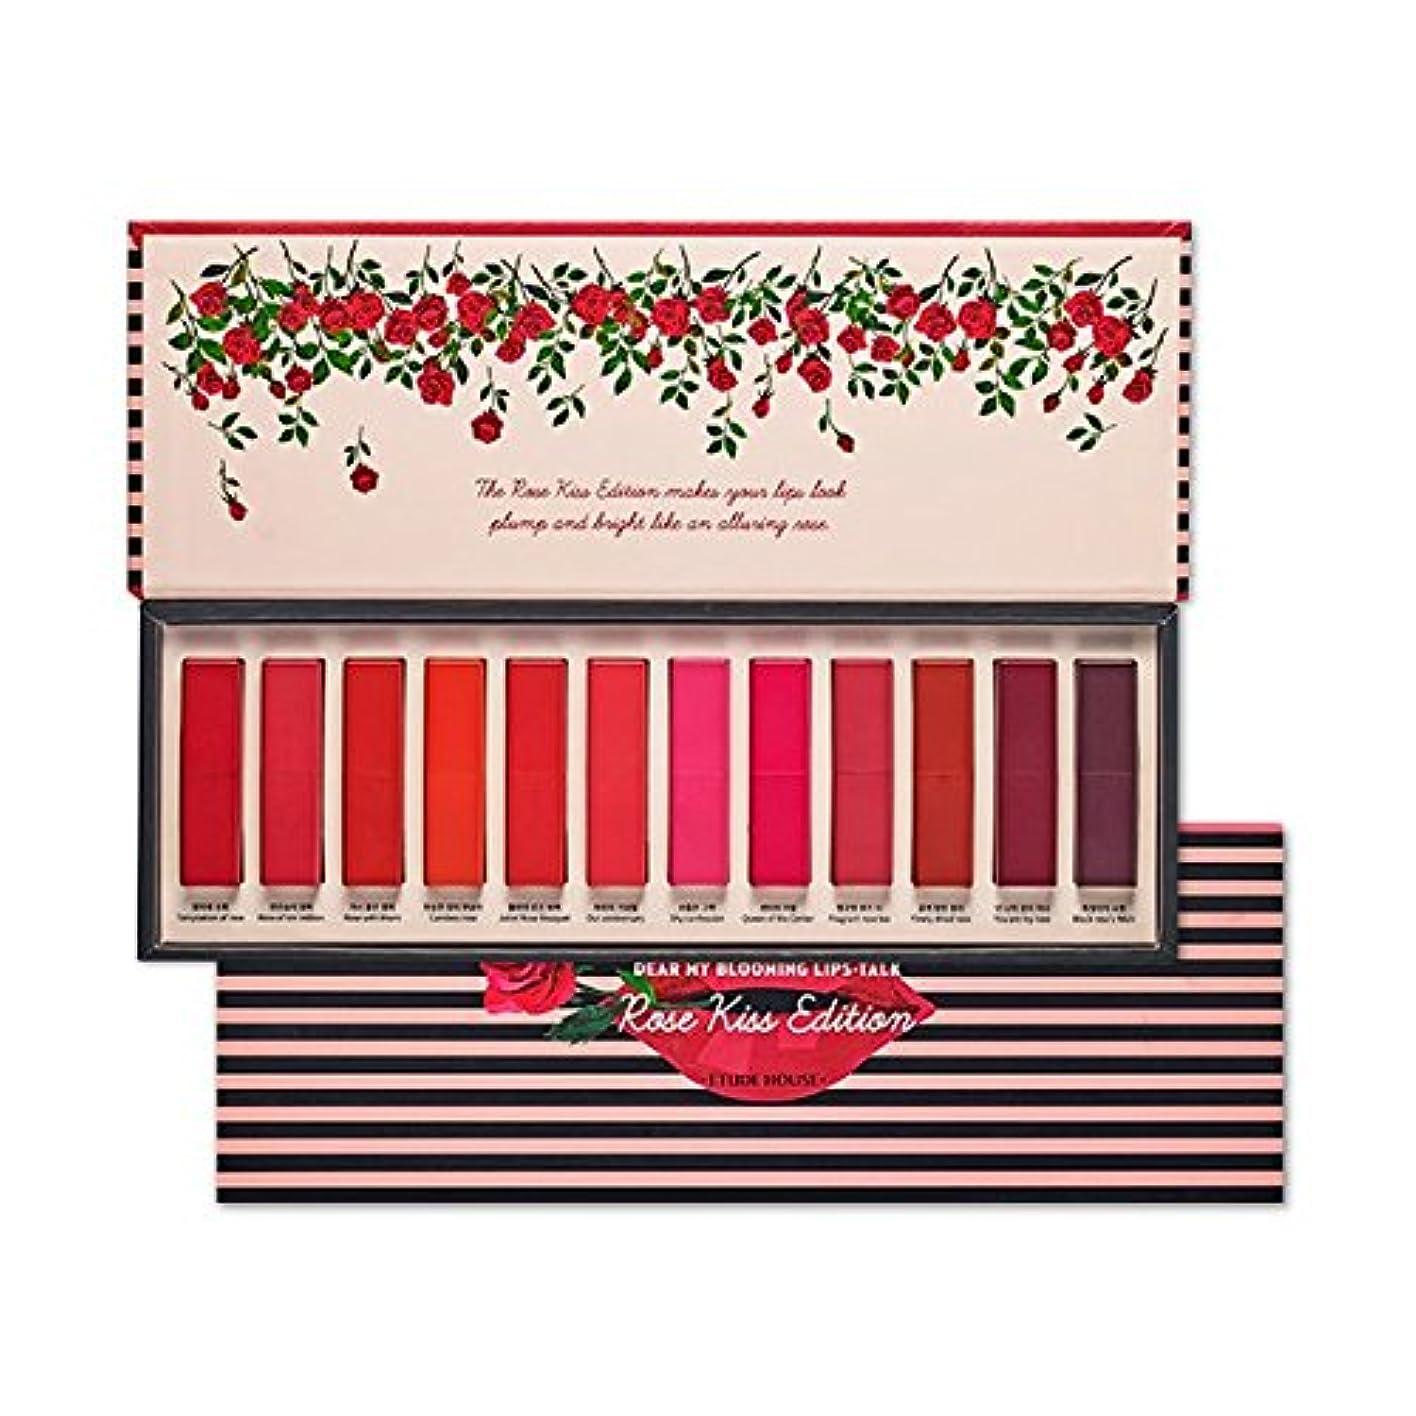 薬を飲む飛ぶエミュレーション【限定版】 エチュードハウス ディアマイブルーミングリップストーク 「ローズキス エディション」/ETUDE HOUSE Dear My Blooming Lips-Talk Rose Kiss Edition 1.5g...